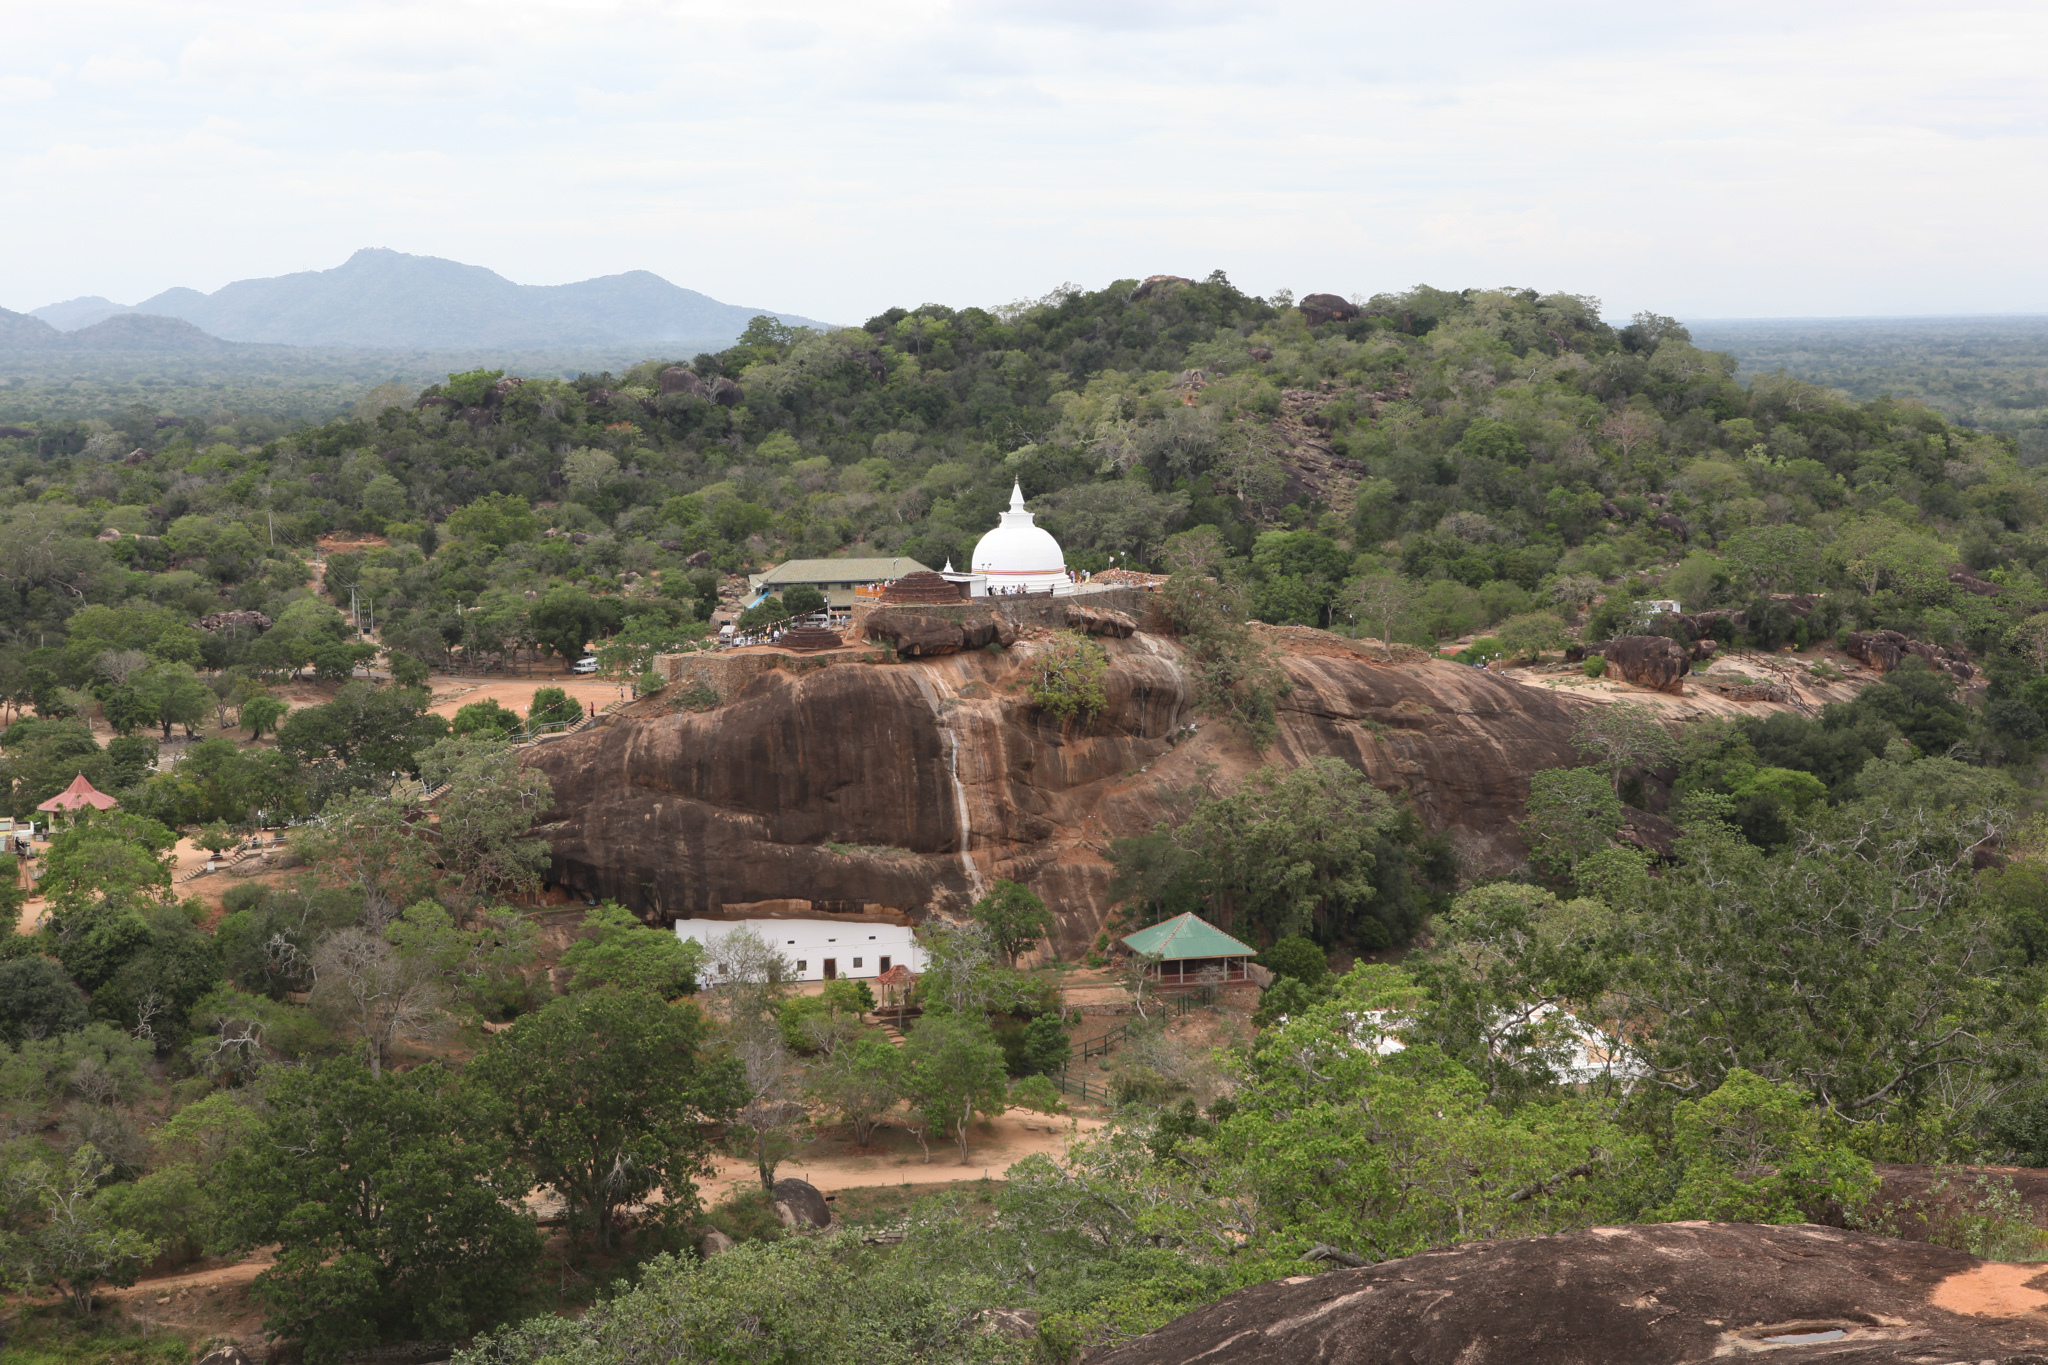 Sithulpawwa is a religious site in Sri Lanka